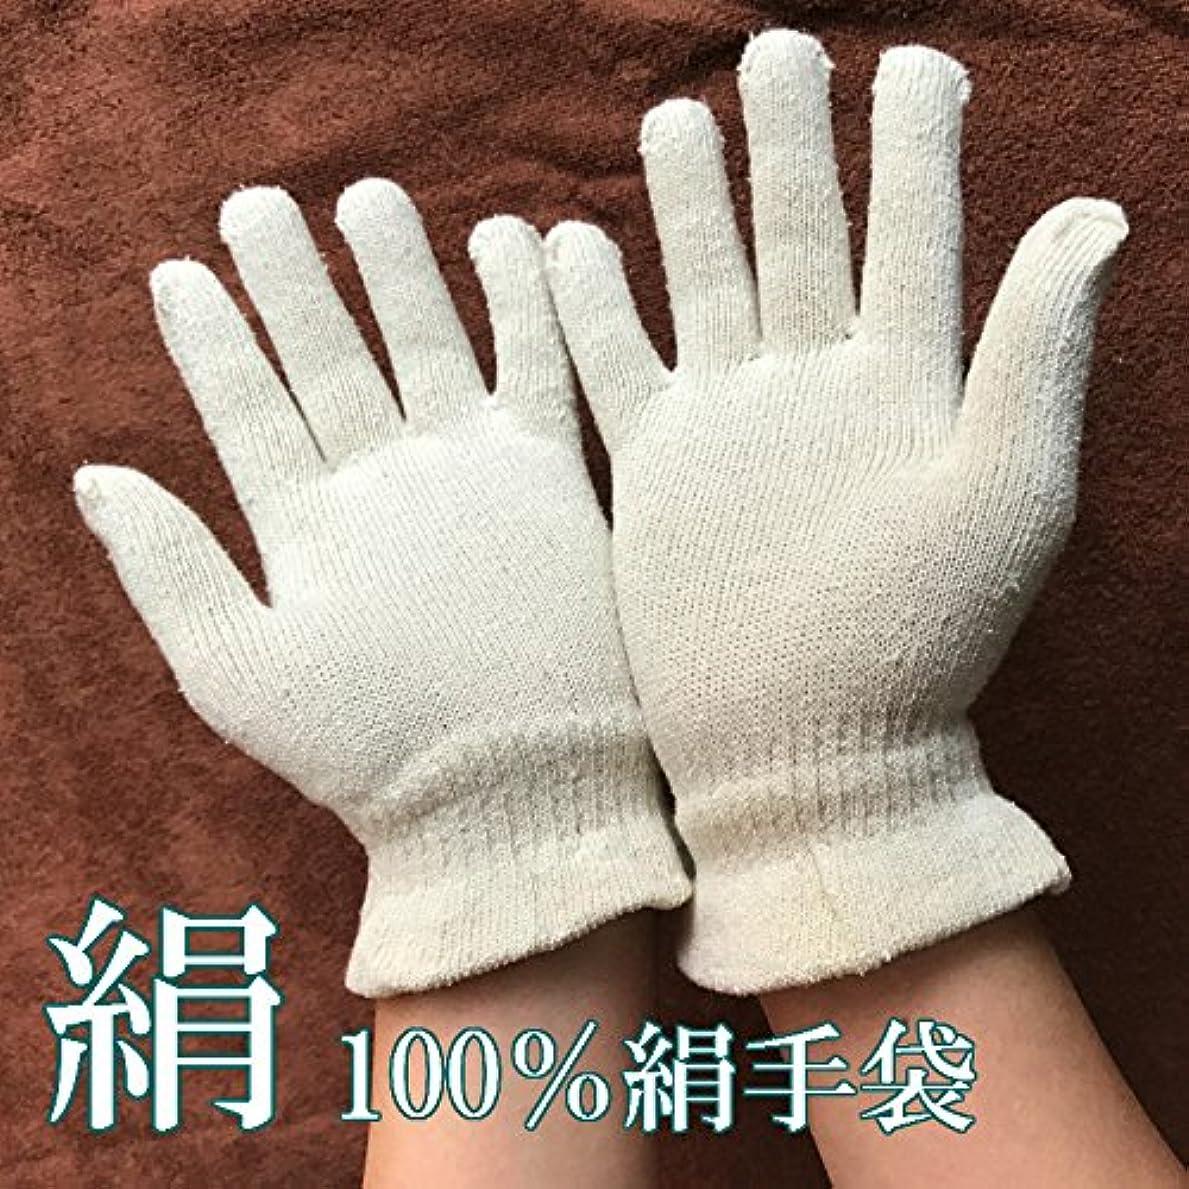 スカリー薄暗い頭絹手袋 シルク手袋 ガルシャナ アーユルヴェーダ